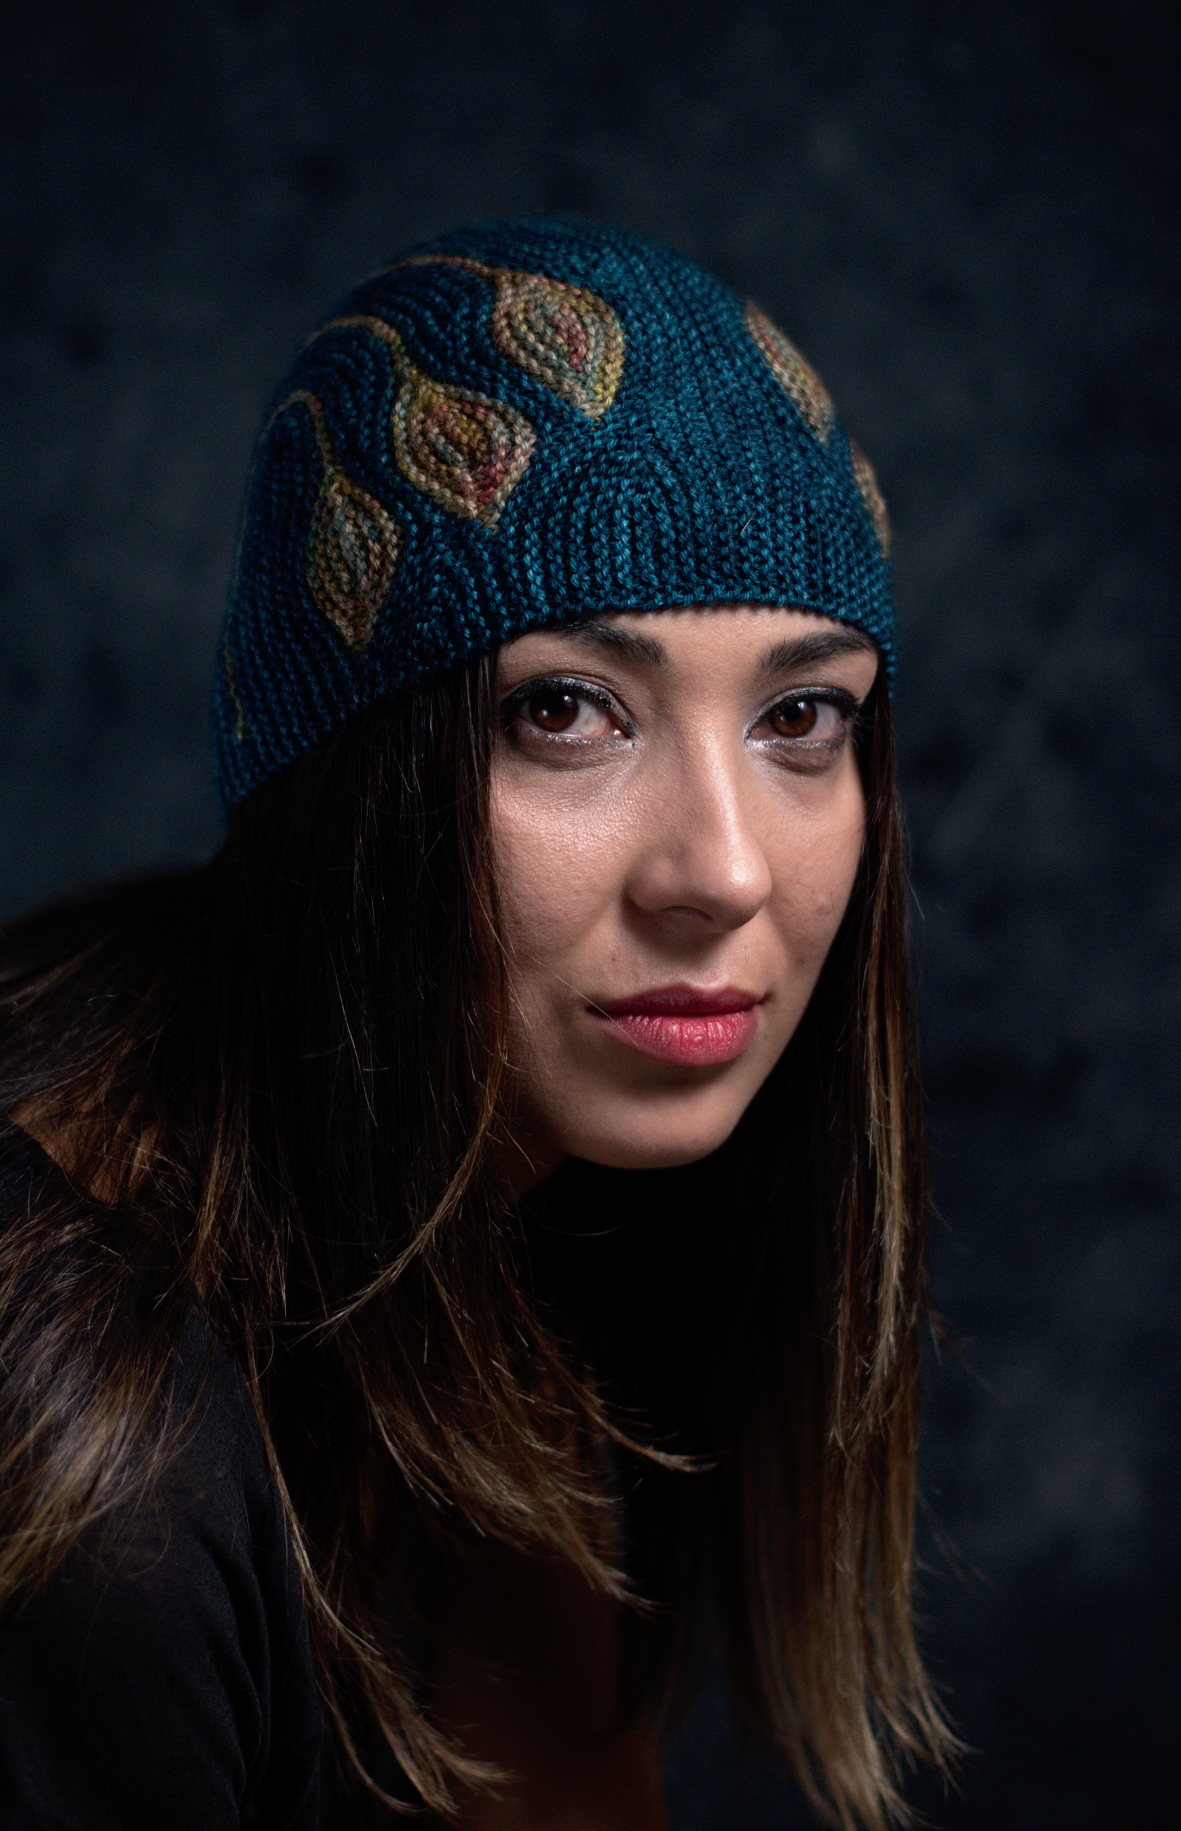 Chiral sideways knit short row colourwork hat hand knitting pattern